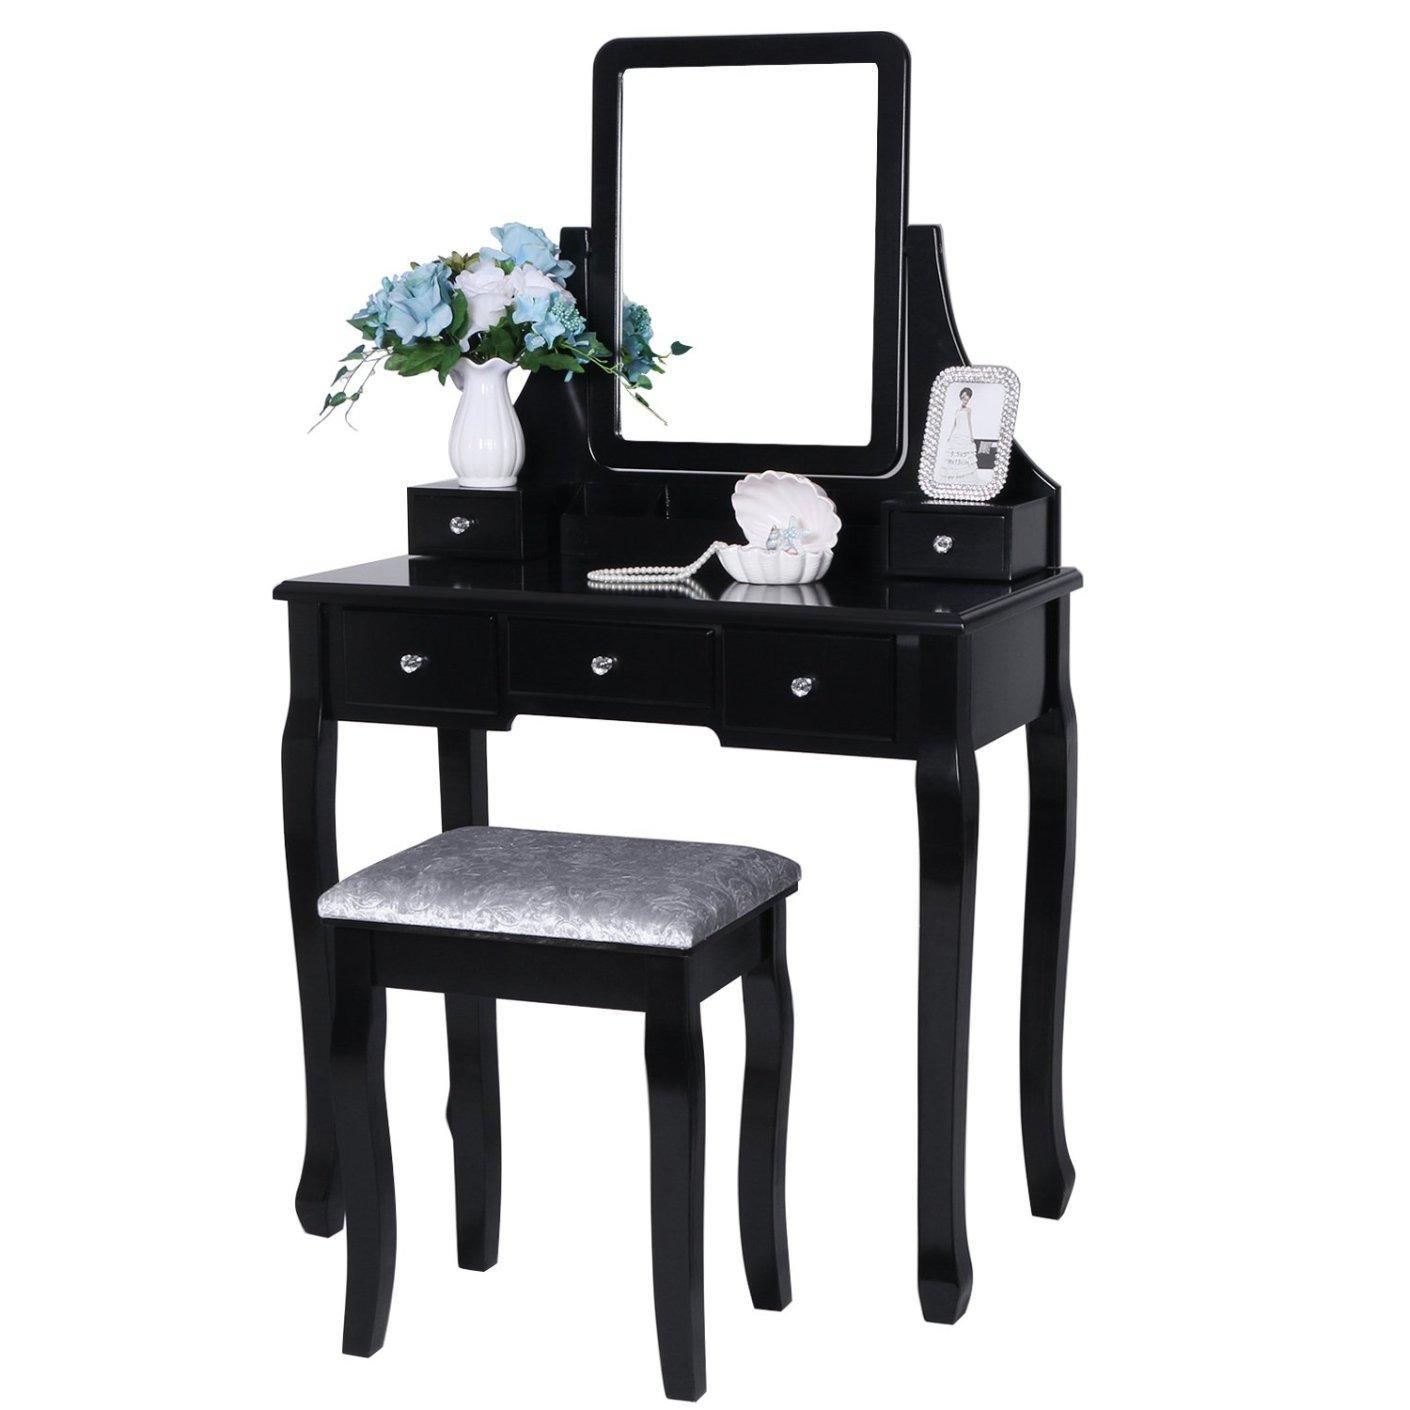 mesa de maquillaje de cambiador 5 CAJONES https://amzn.to/2rwLIv8